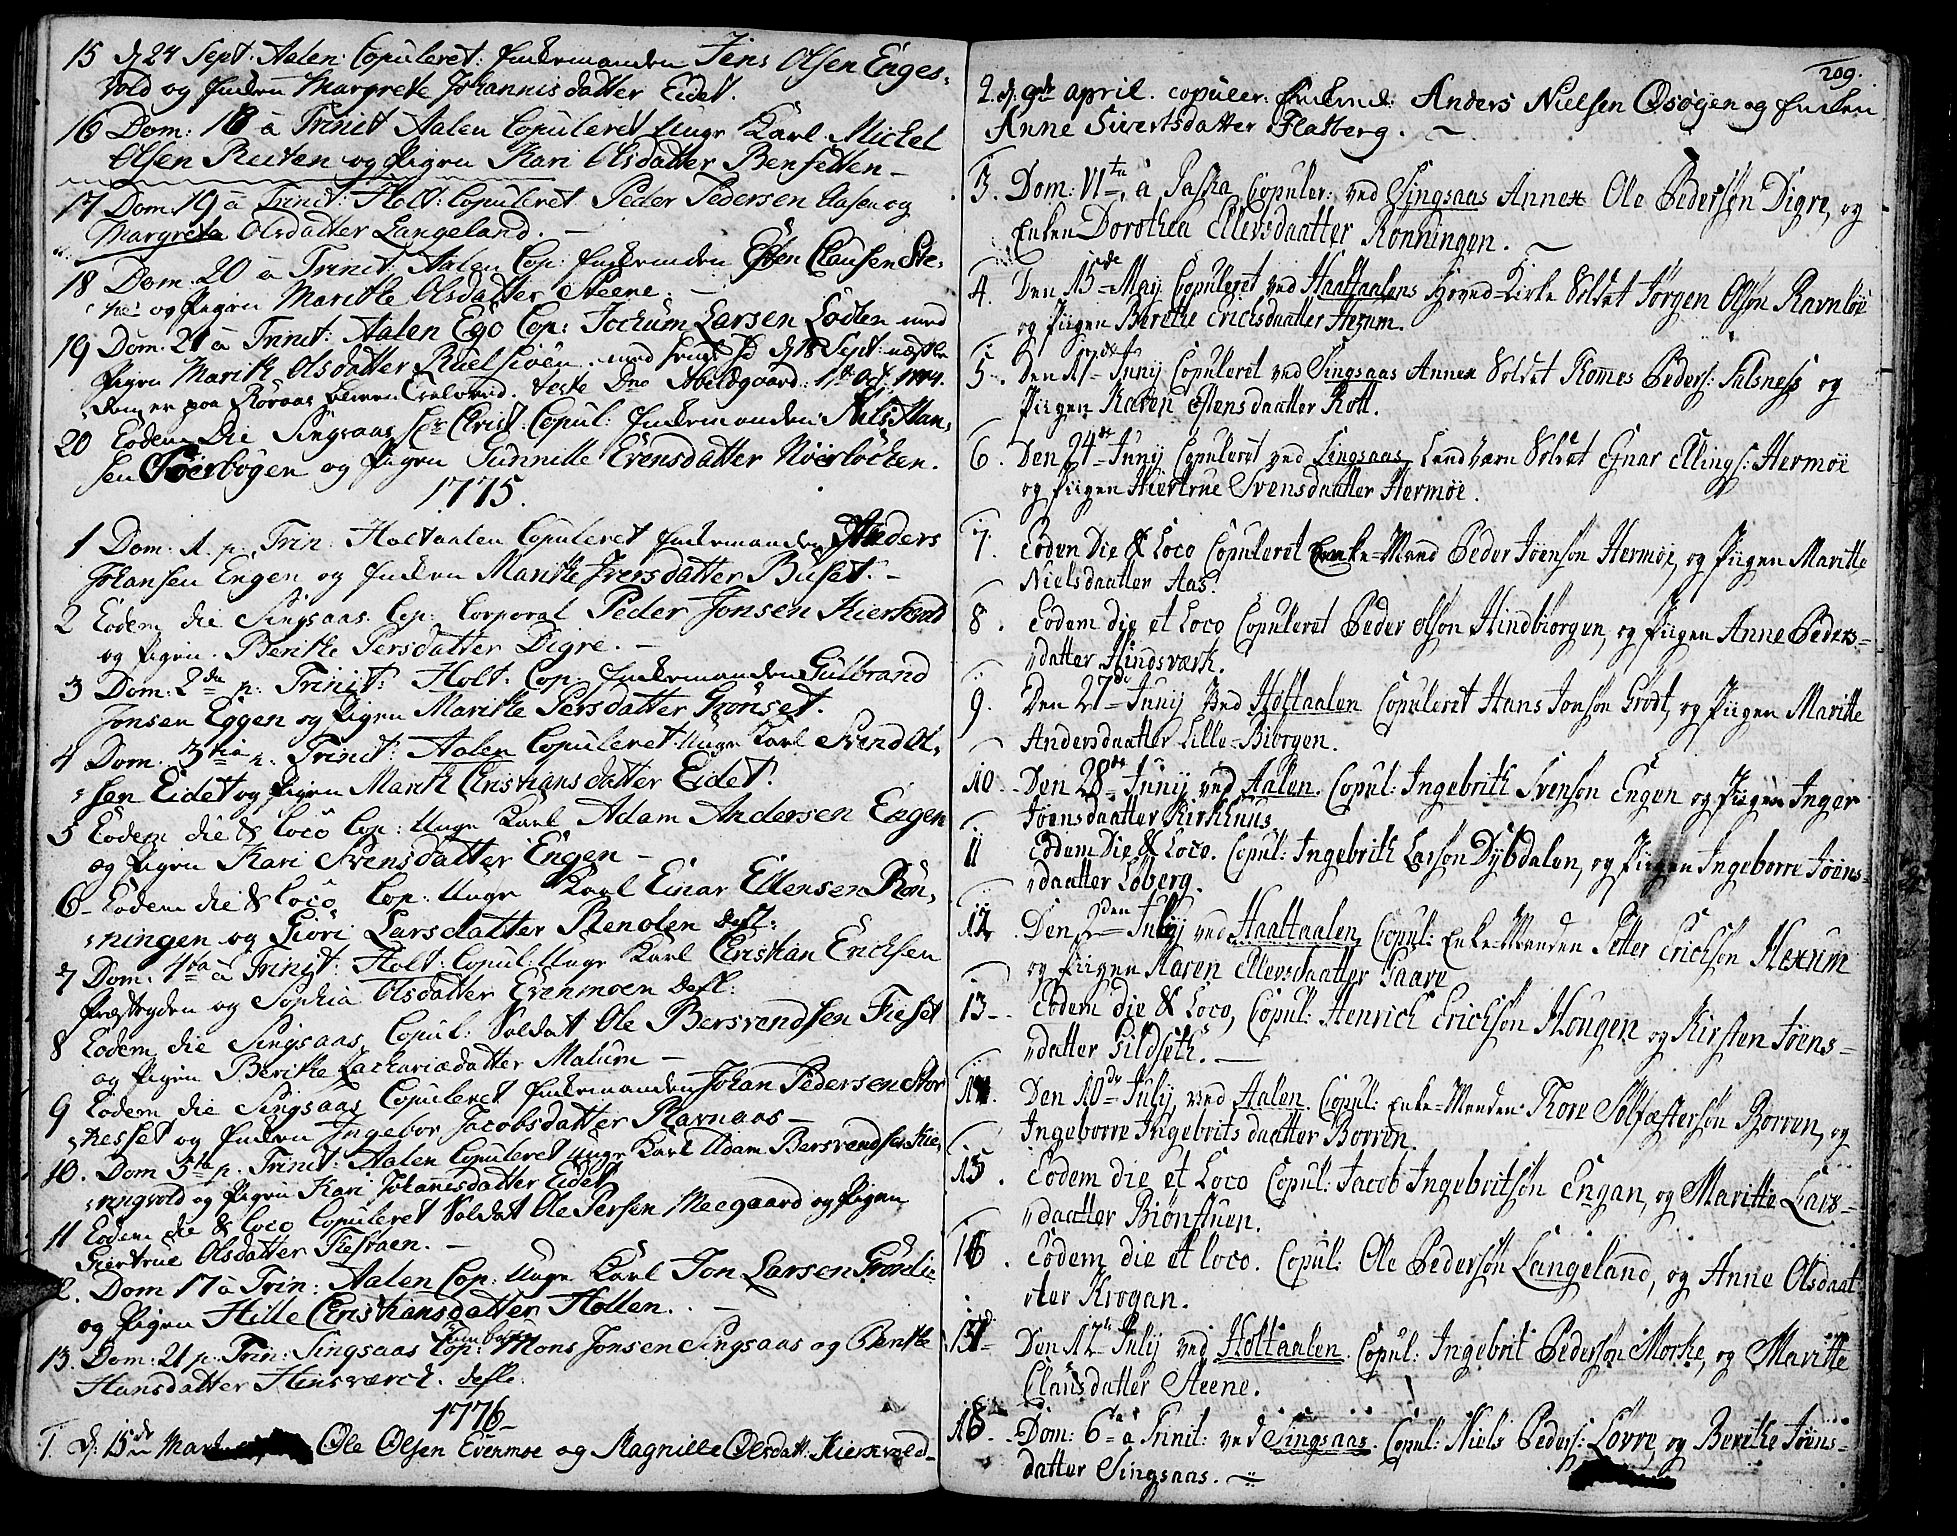 SAT, Ministerialprotokoller, klokkerbøker og fødselsregistre - Sør-Trøndelag, 685/L0952: Ministerialbok nr. 685A01, 1745-1804, s. 209